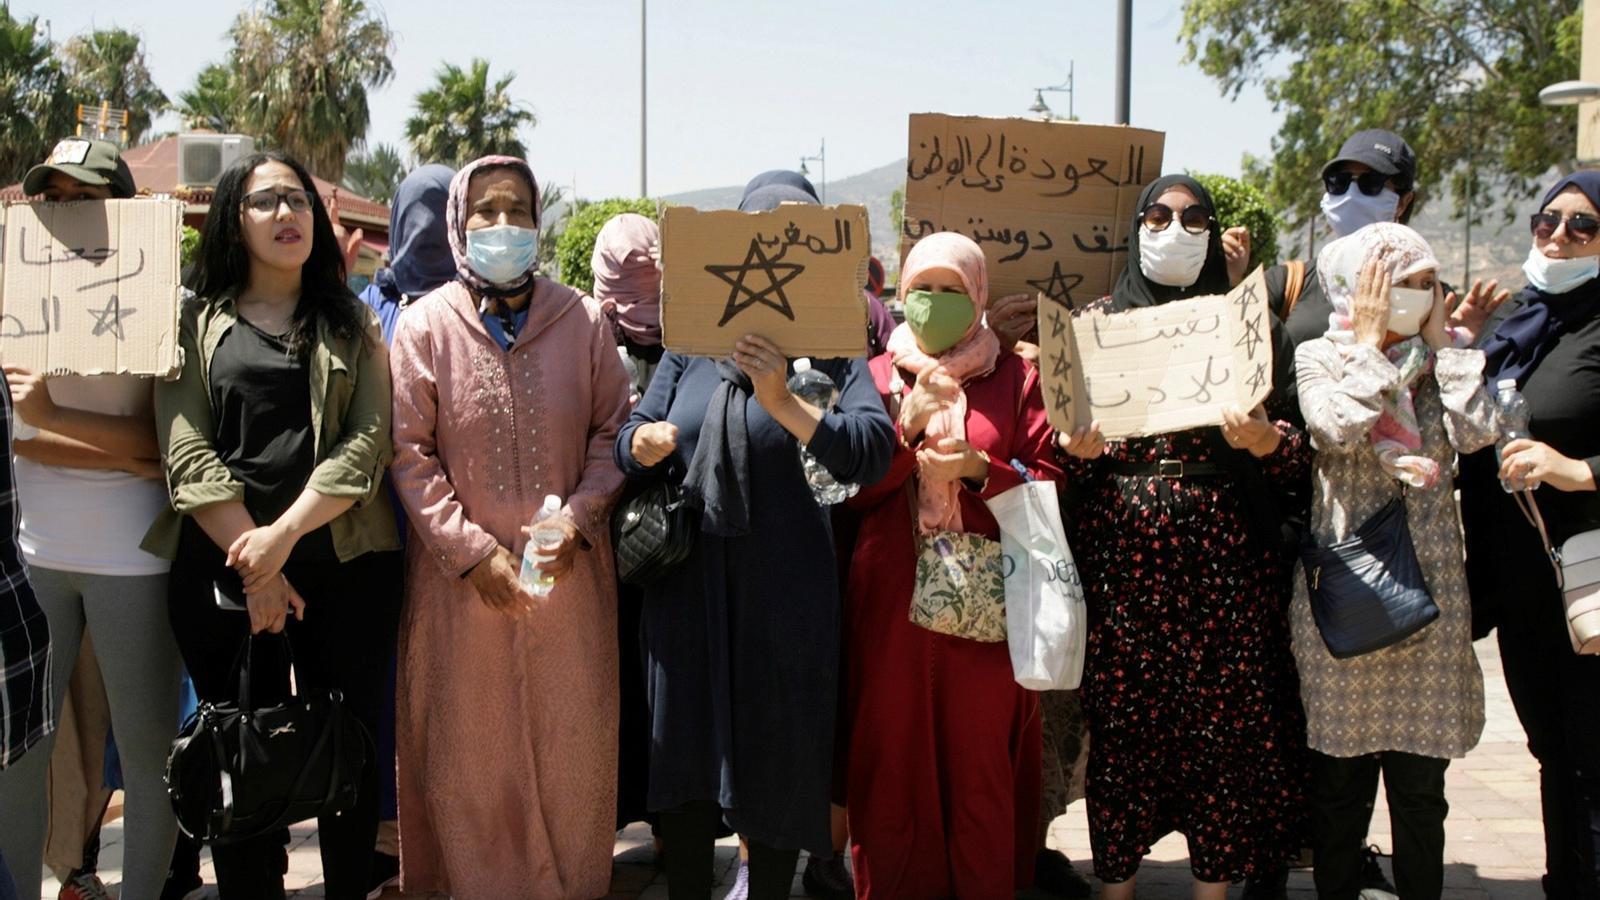 Un grup d'unes 50 dones marroquines sol·liciten tornar al seu país, al costat de la frontera de Melilla i el Marroc